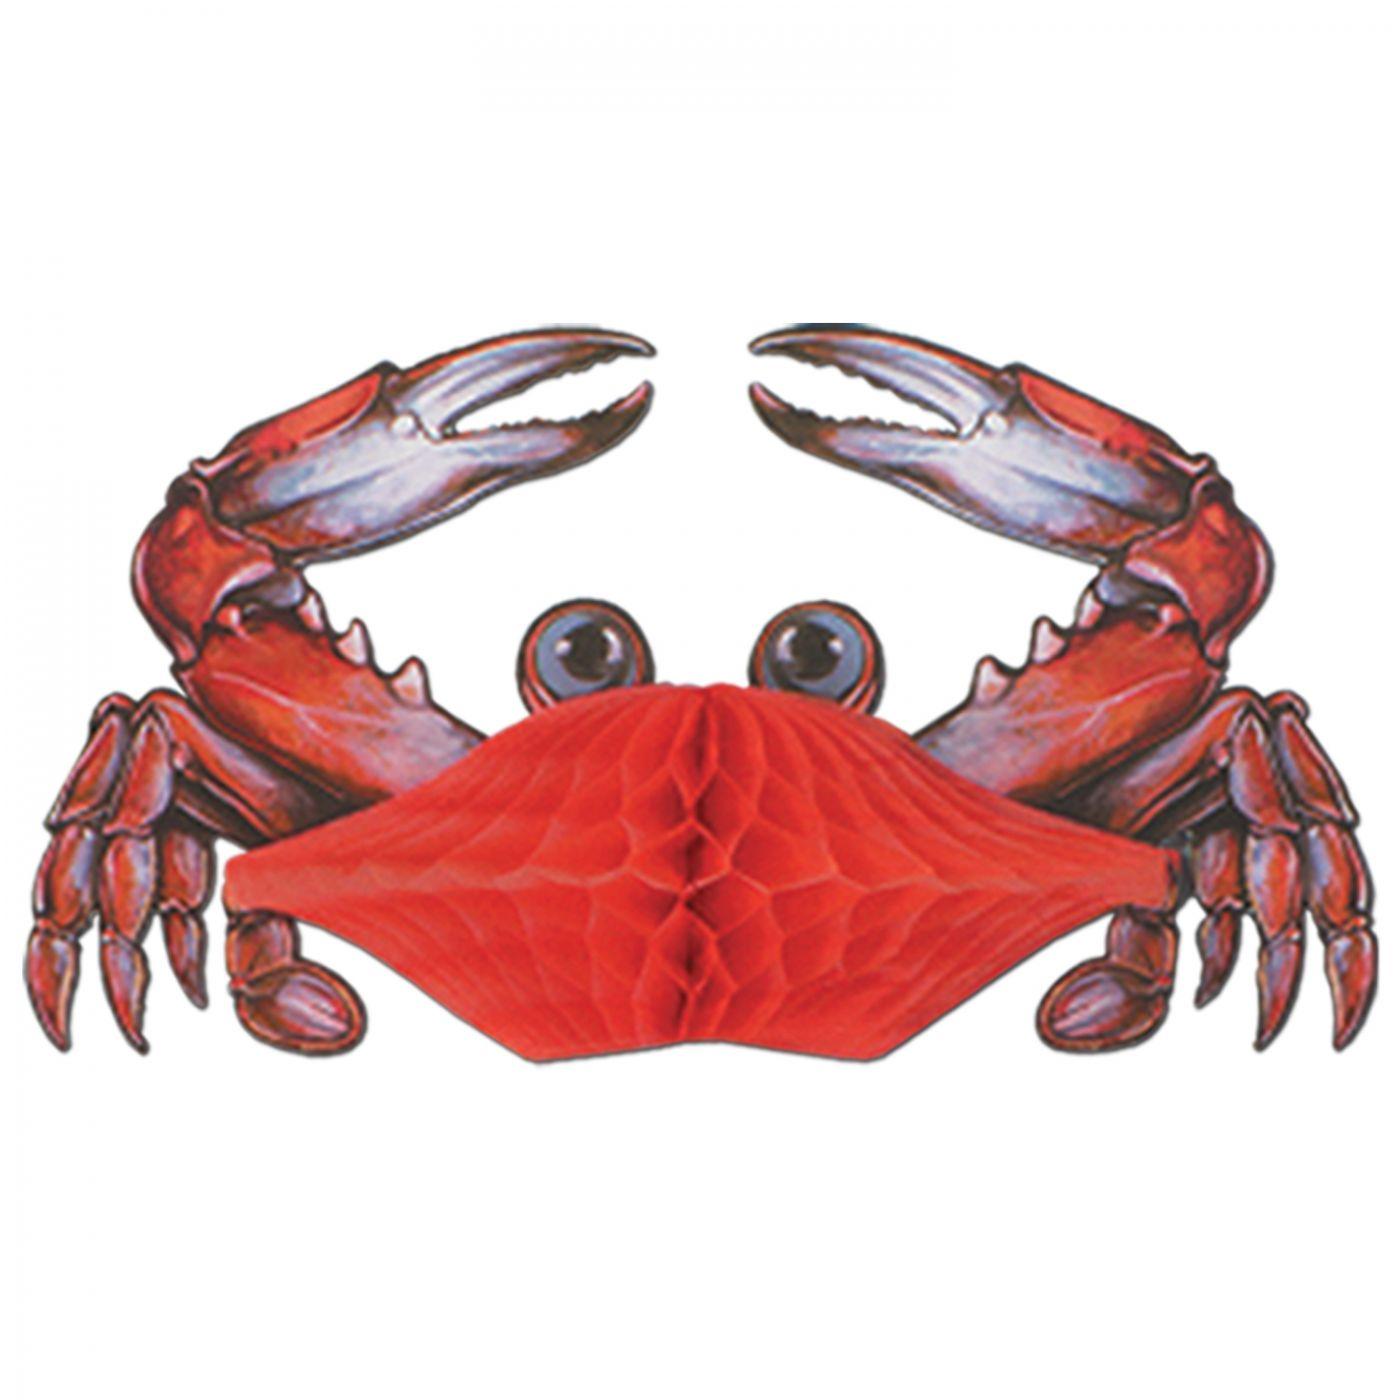 Tissue Crab image